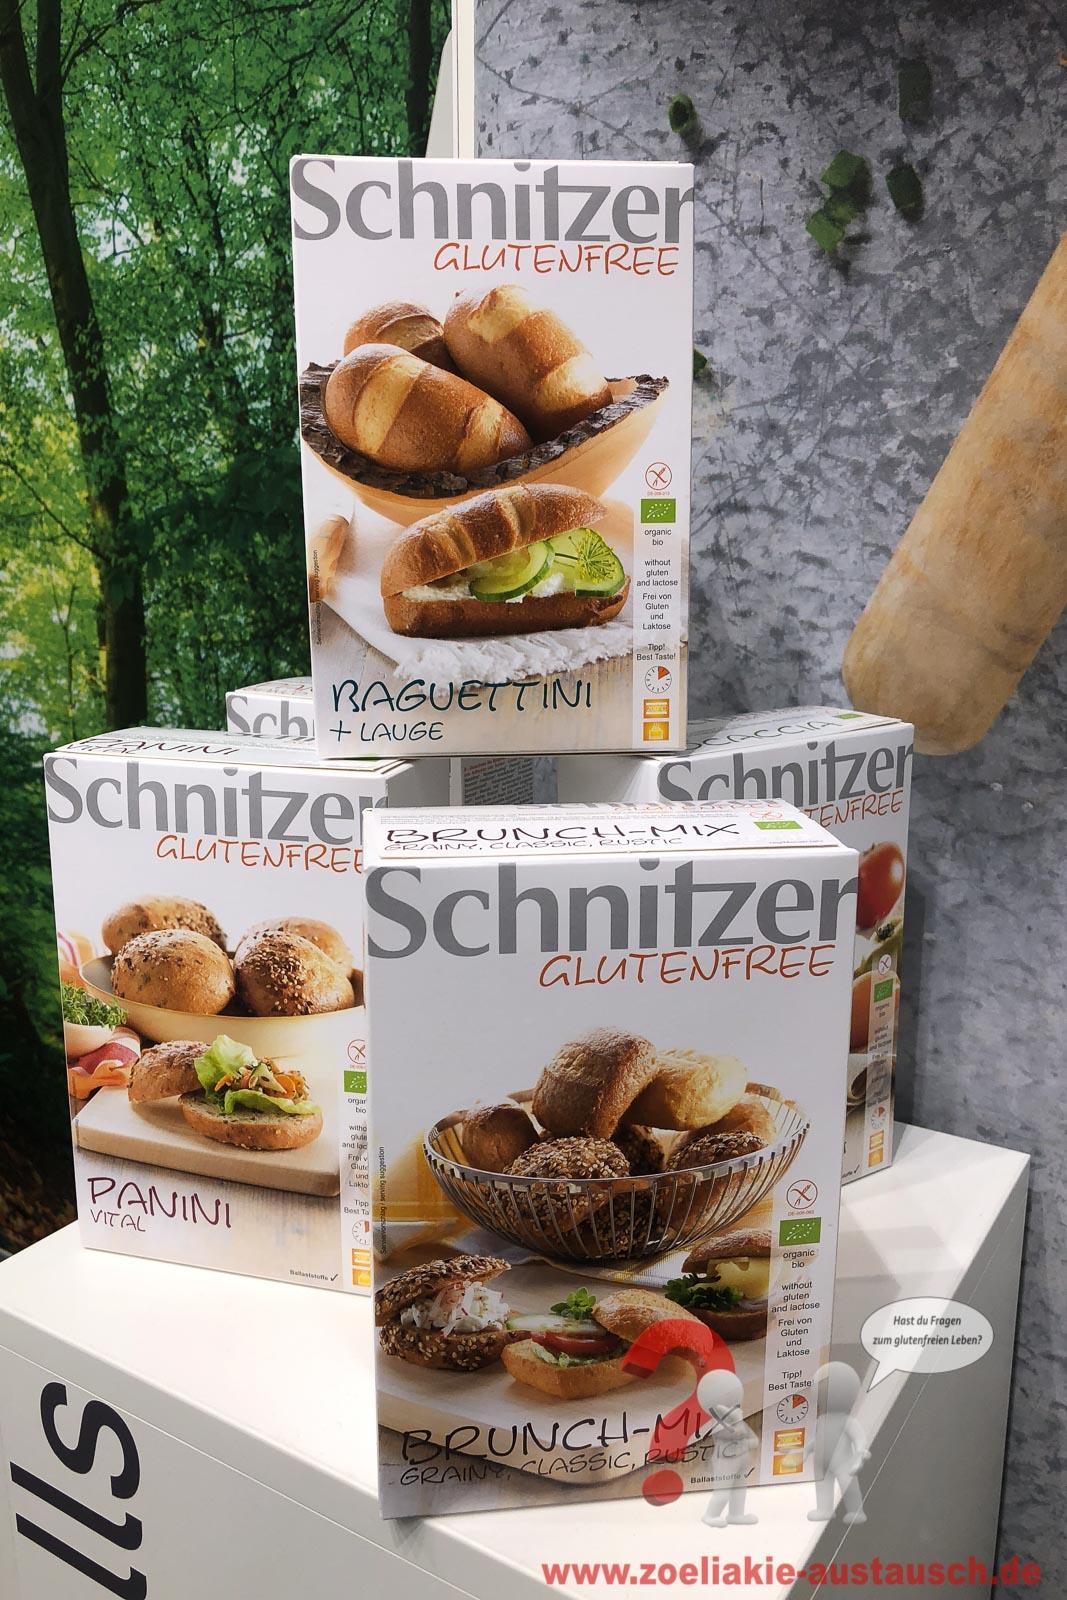 Schnitzer_BioFach_Zoeliakie_Austausch_003